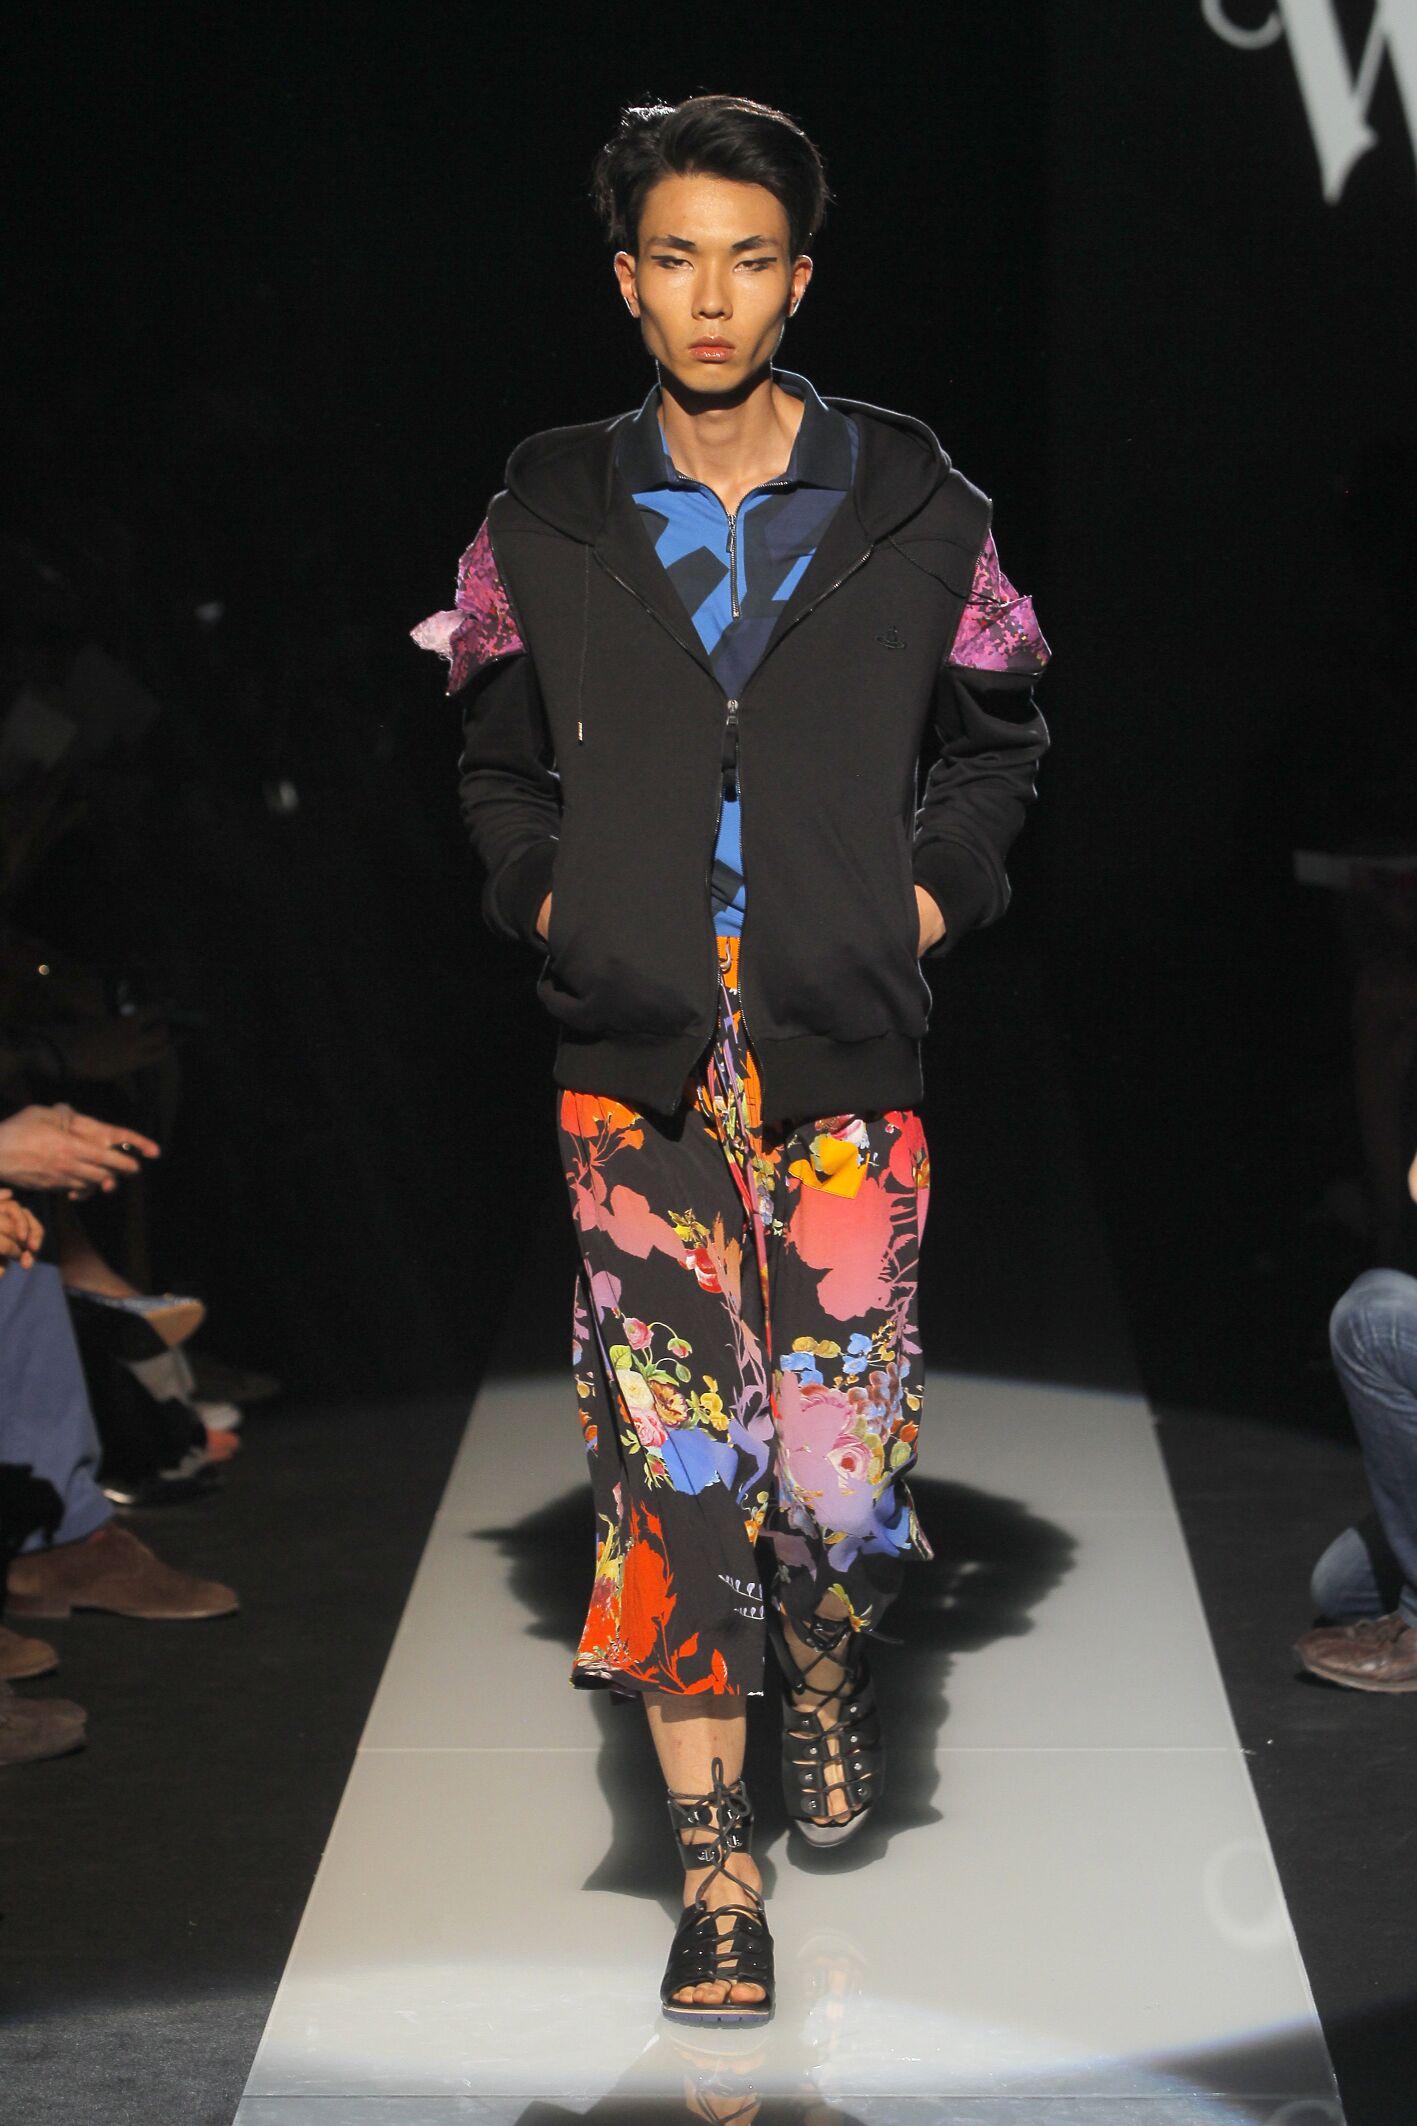 Catwalk Vivienne Westwood Man Fashion Show Summer 2015